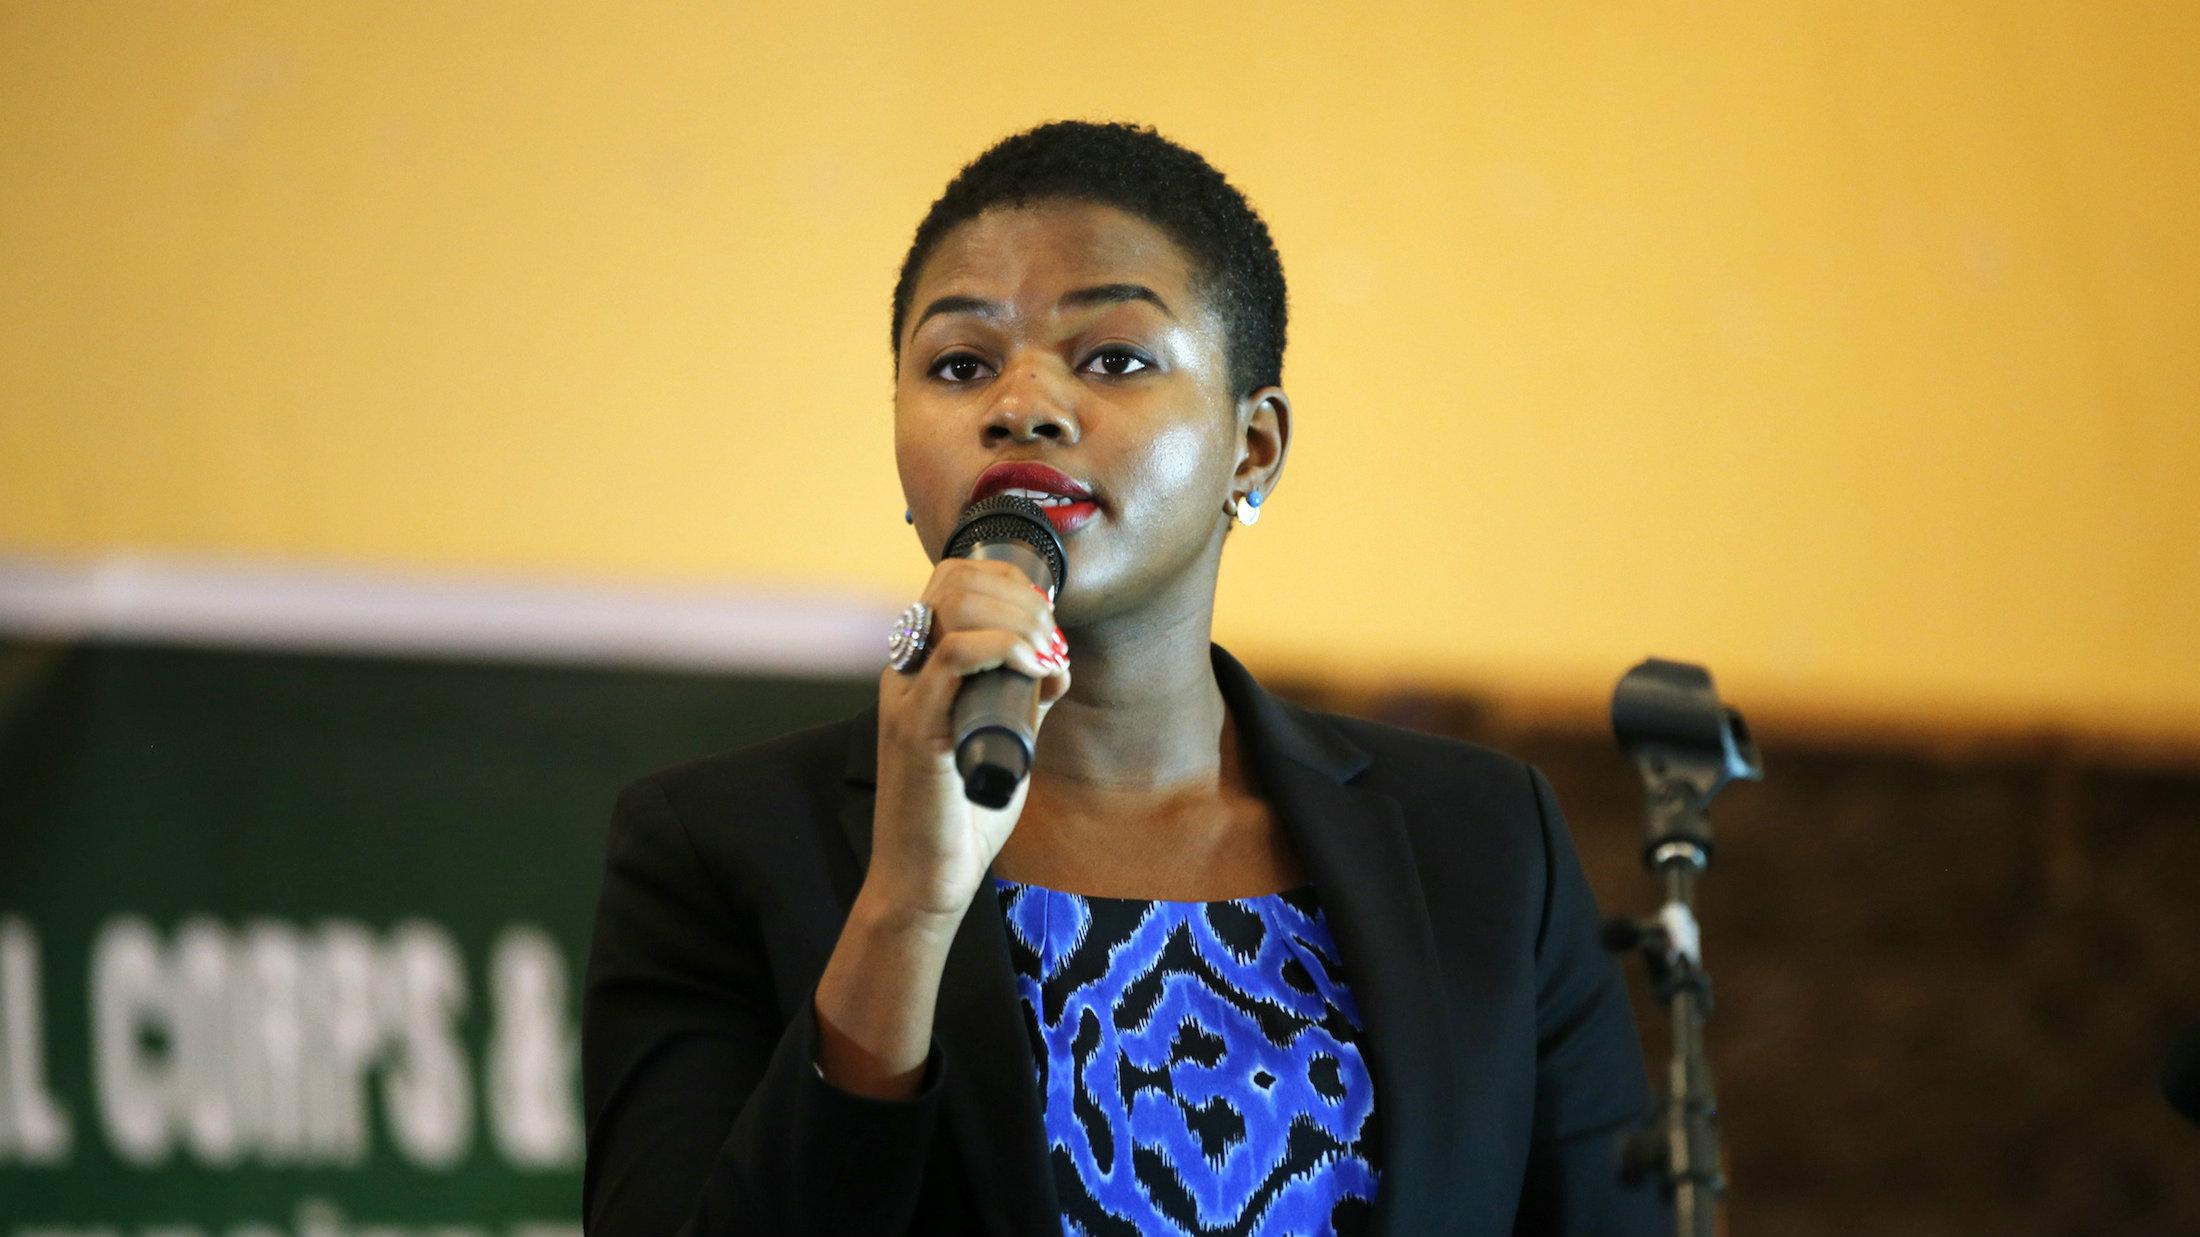 Ebola survivor and public health advocate, Dr. Ada Igonoh, speaks in Lagos.